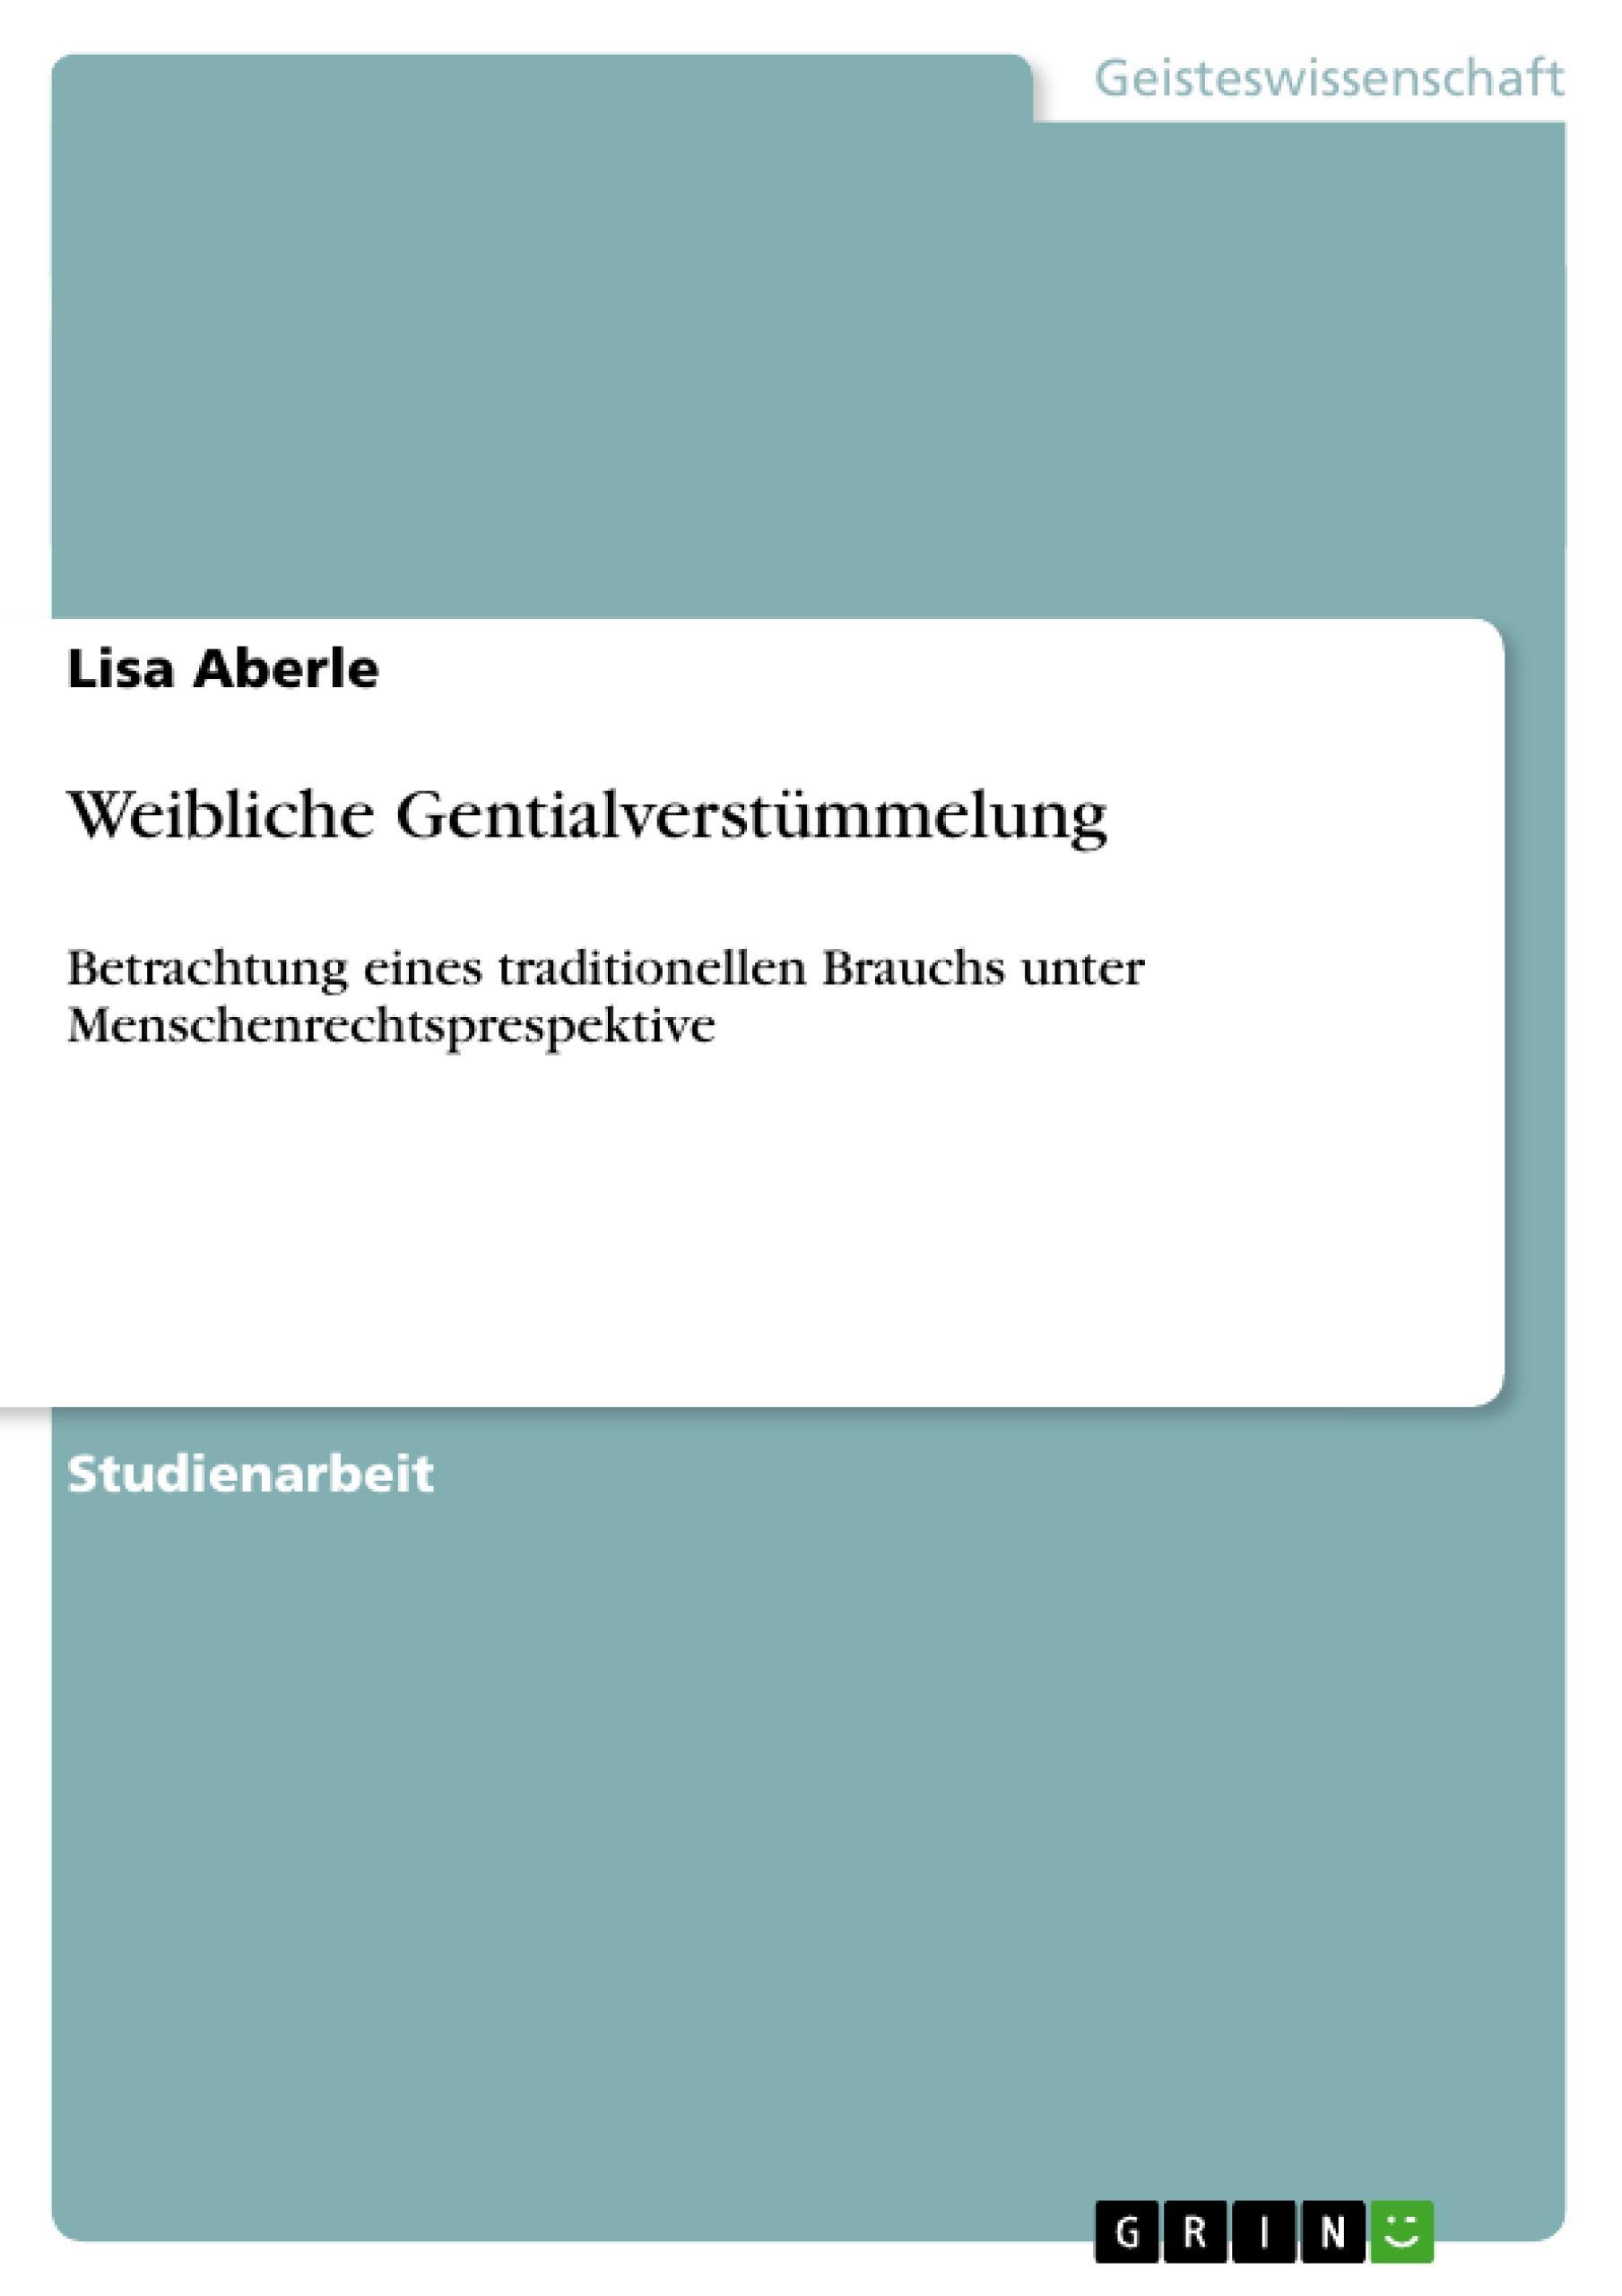 Weibliche Gentialverstümmelung  Betrachtung eines traditionellen Brauchs unter Menschenrechtsprespektive  Lisa Aberle  Taschenbuch  Deutsch  2010 - Aberle, Lisa